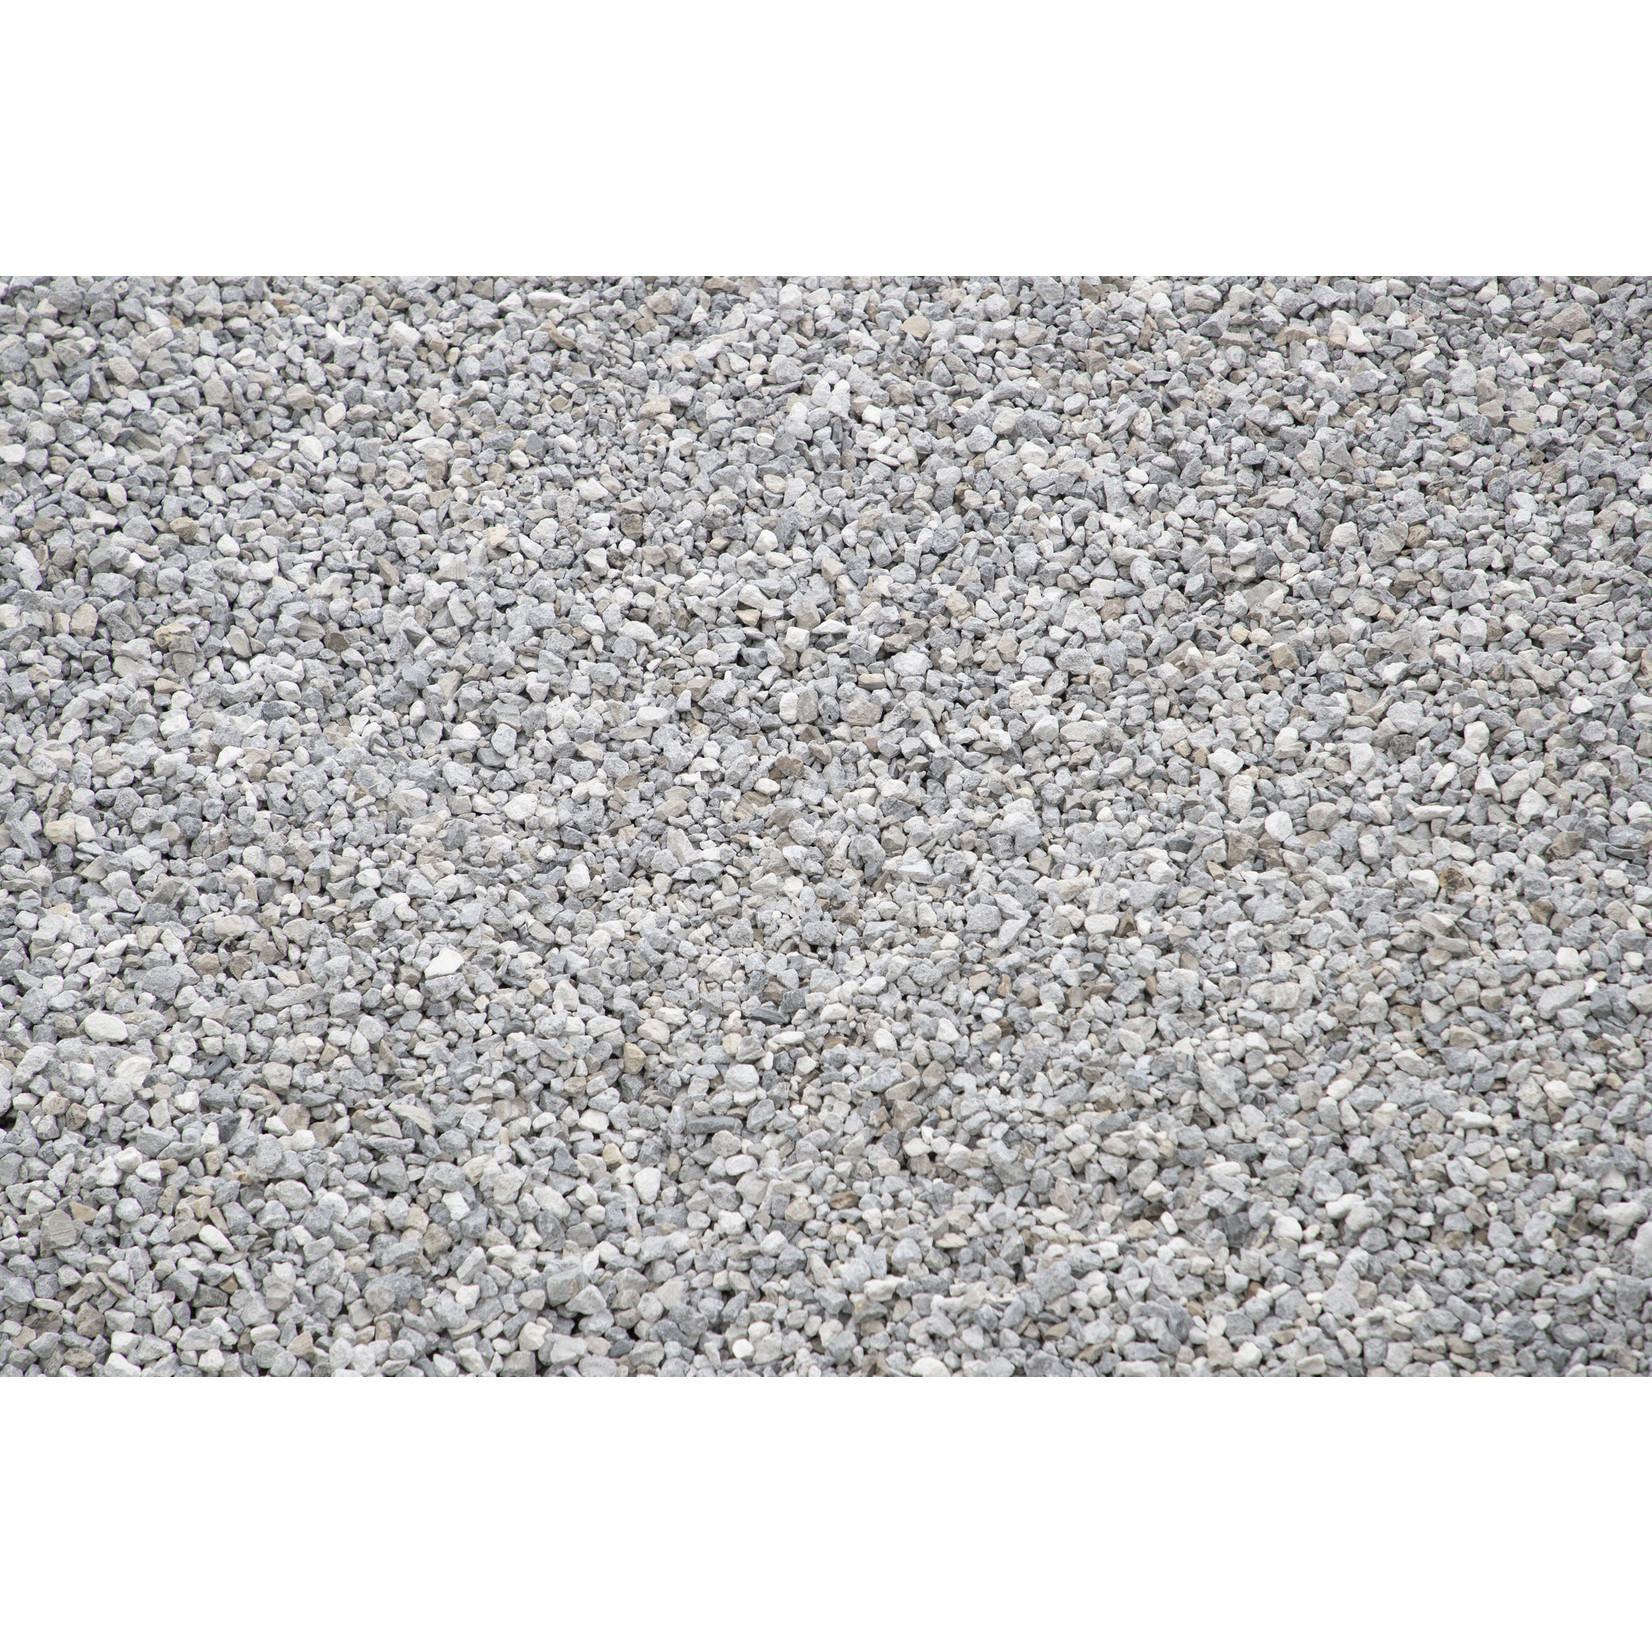 Bulk #57 Limestone